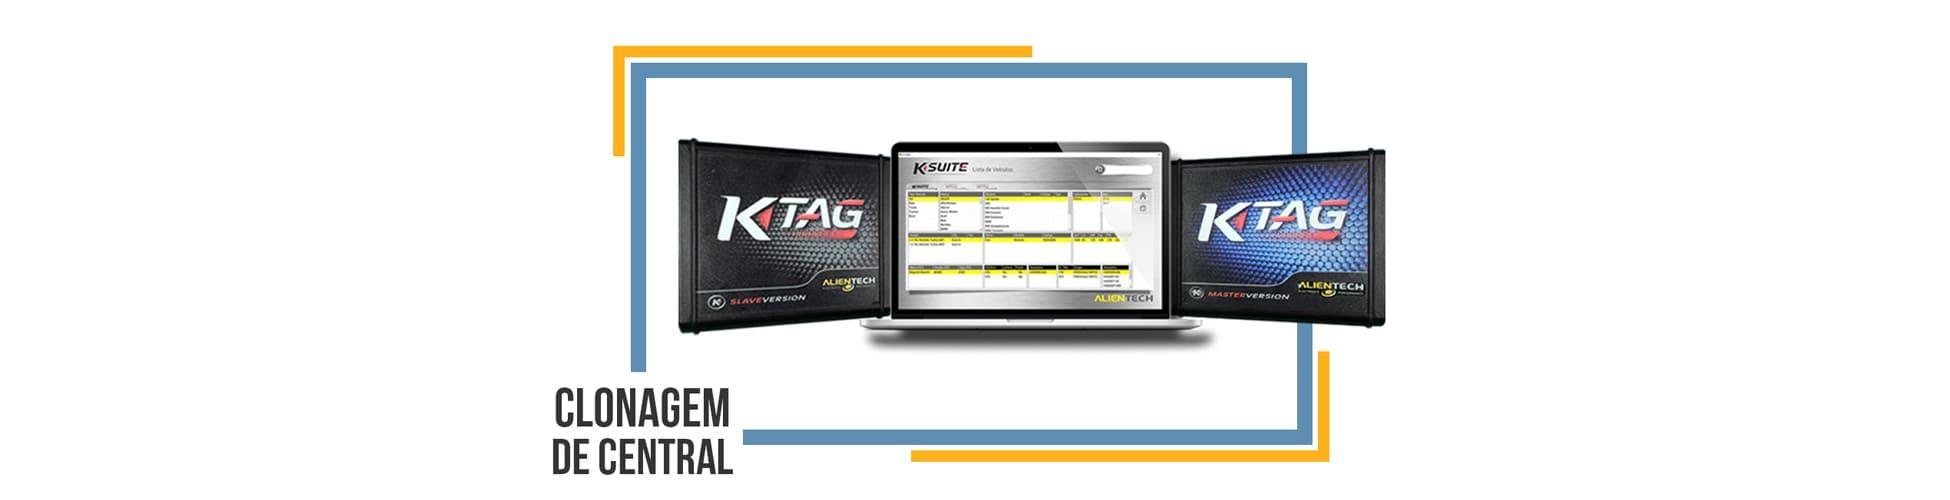 Central Eletrônica: Clonagem com o K-tag